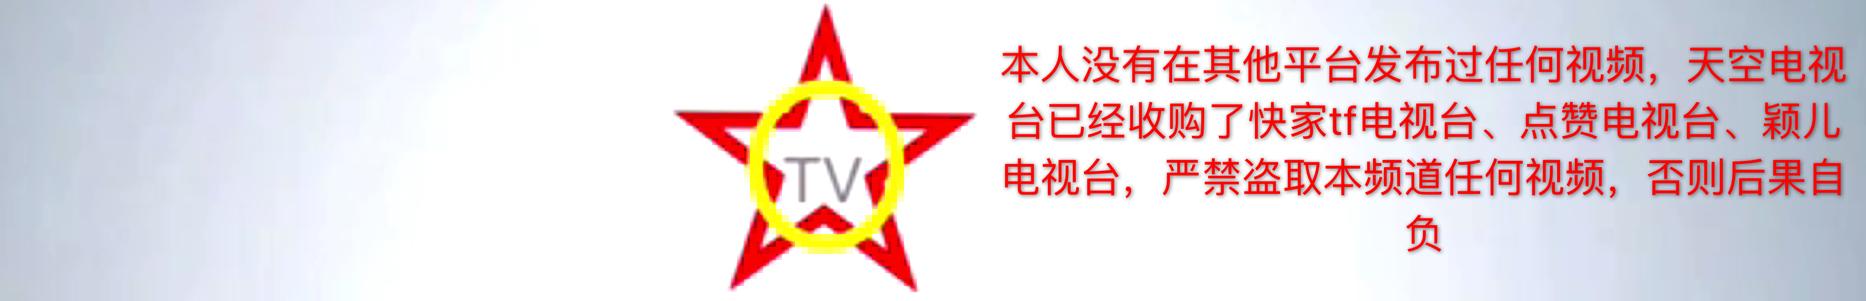 亚洲电视眼-我爱ATV banner